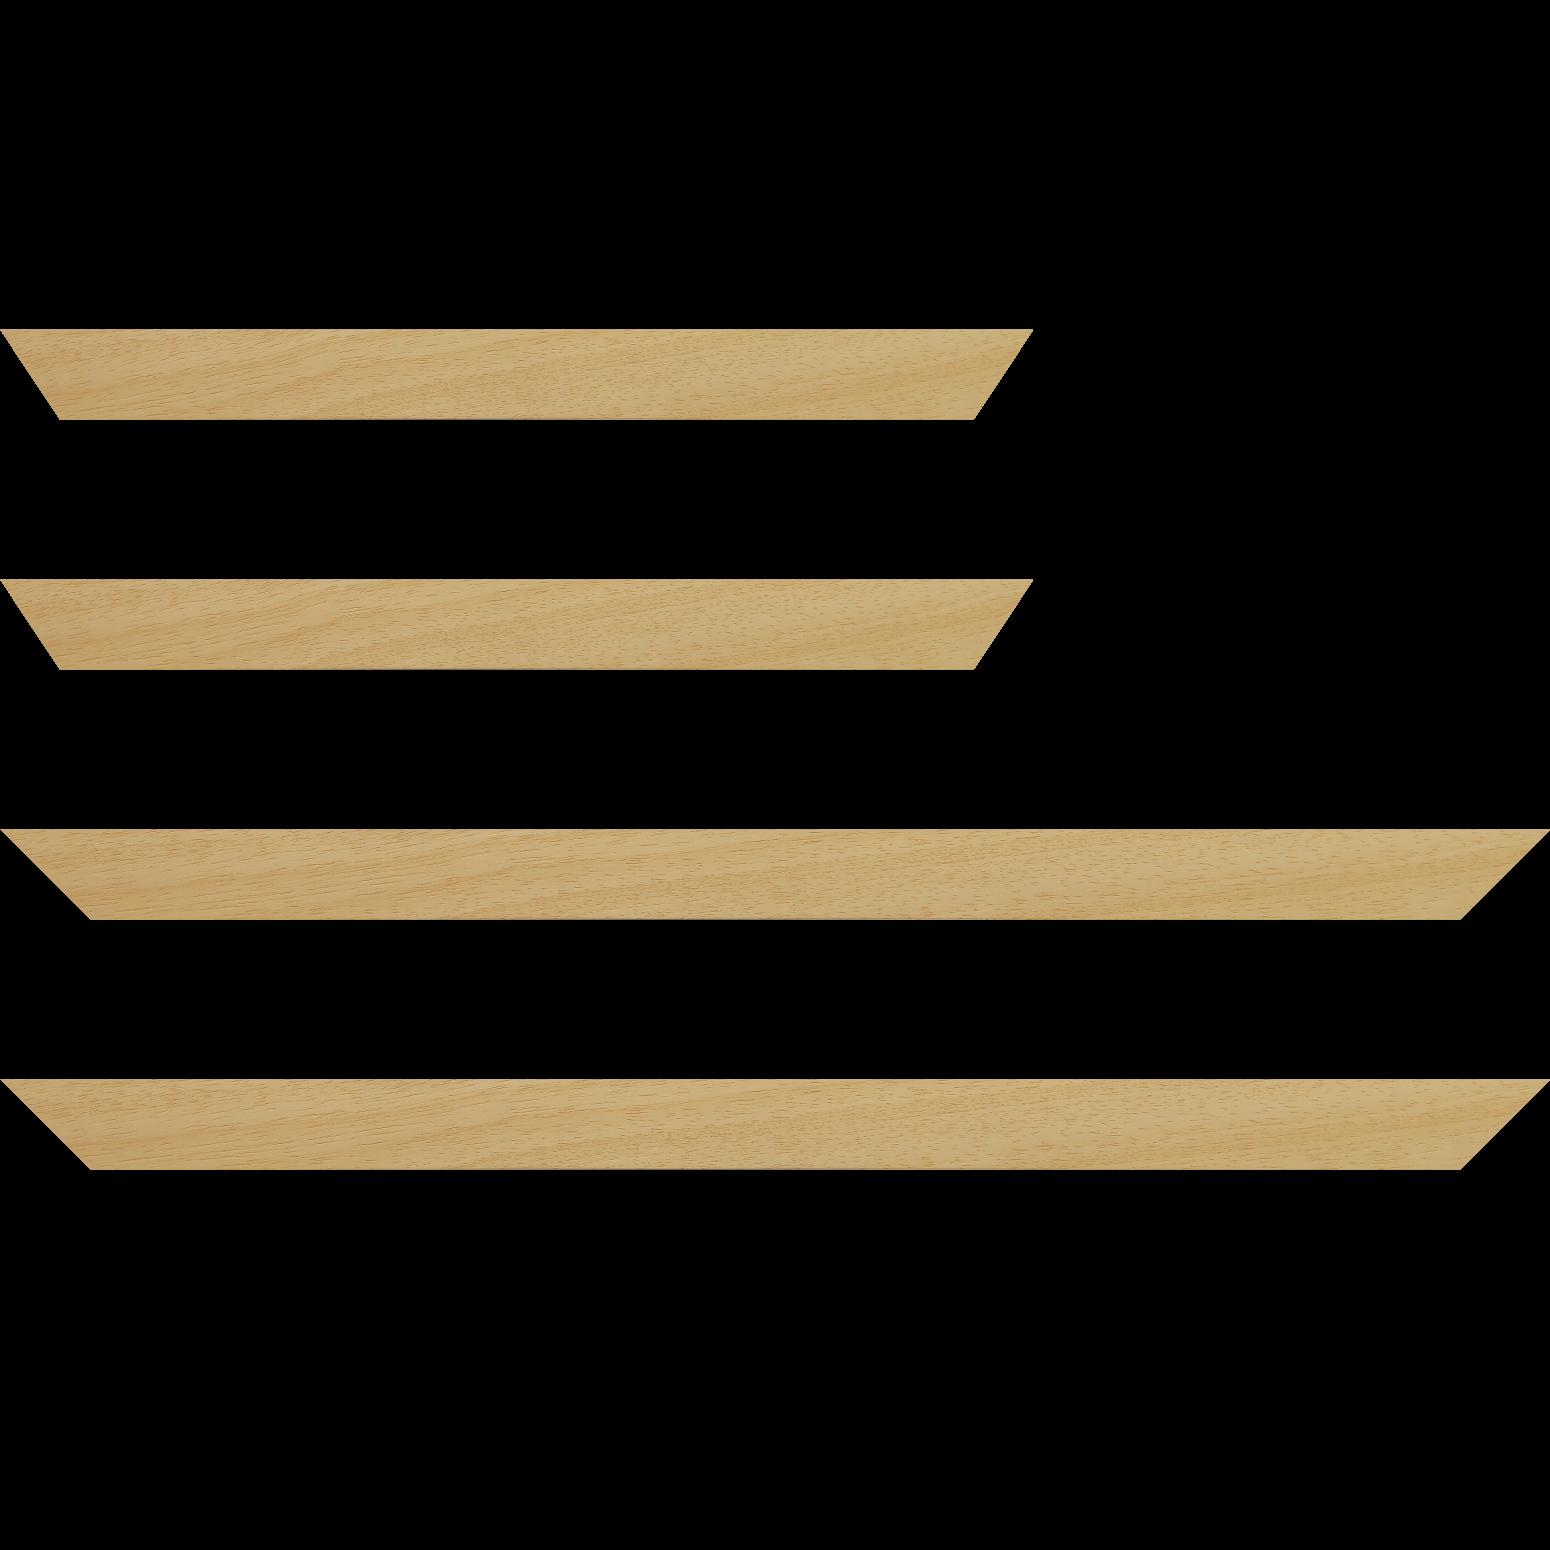 Baguette service précoupé Bois profil plat largeur 3cm couleur naturel satiné